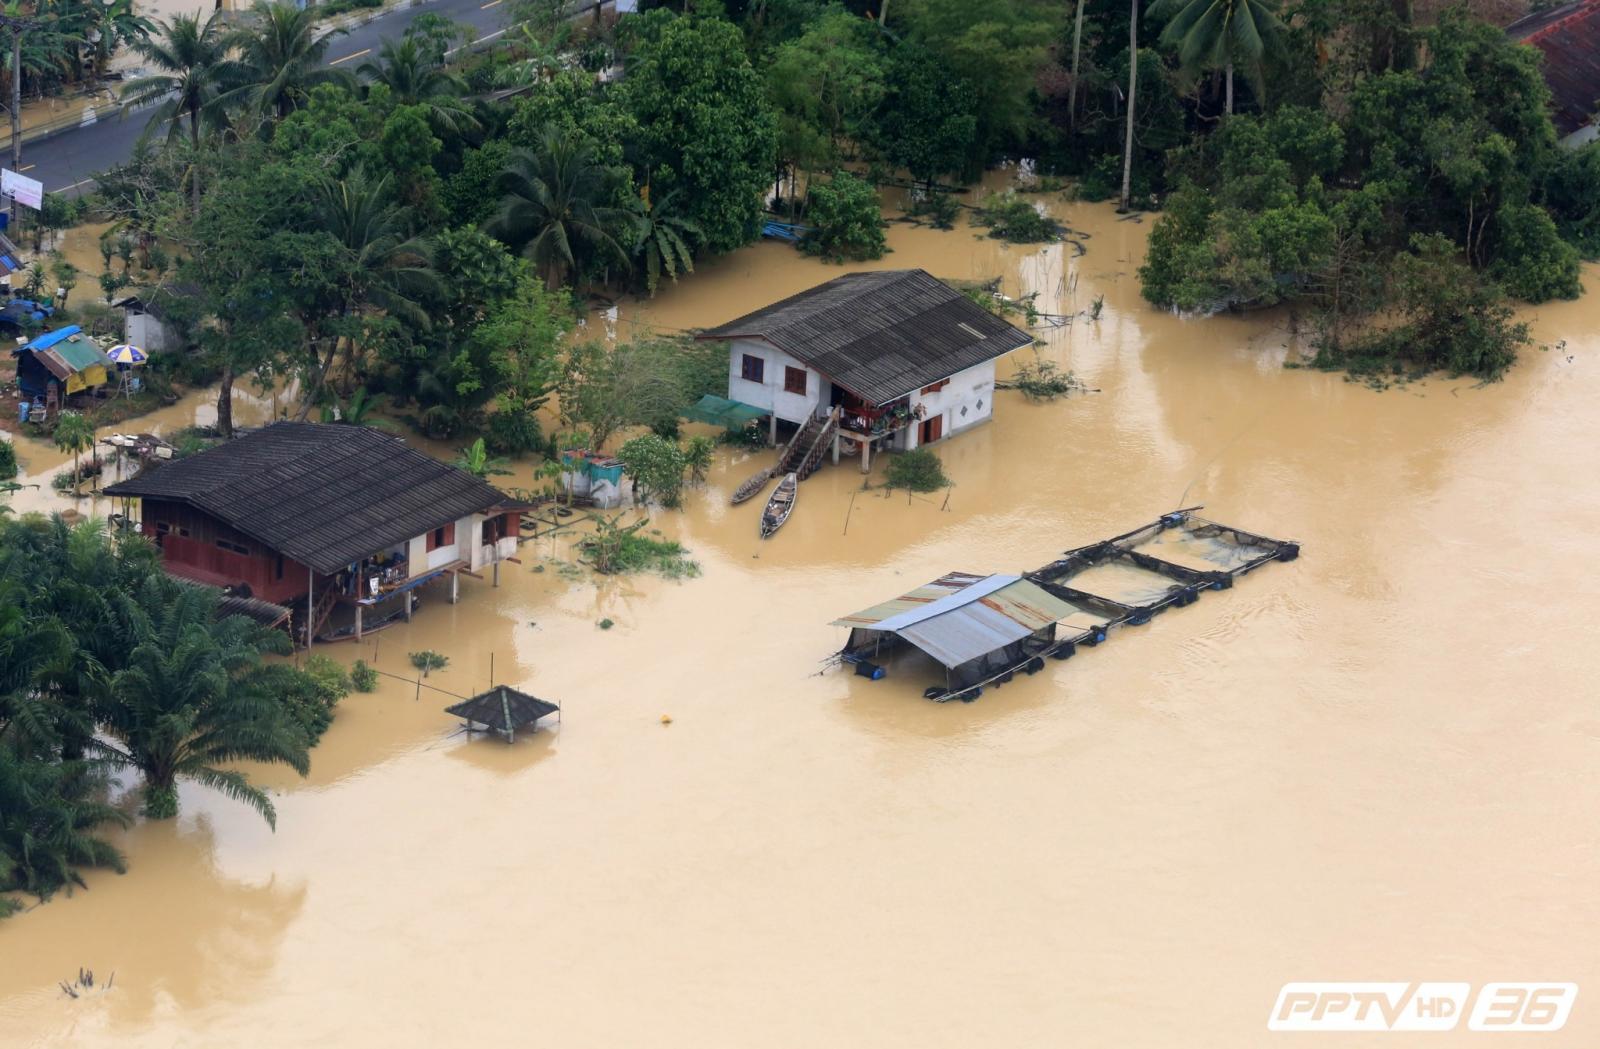 น้ำท่วมสุราษฎร์ฯเริ่มดีขึ้น แต่ยังหวั่นอิทธิพลจากลมมรสุม